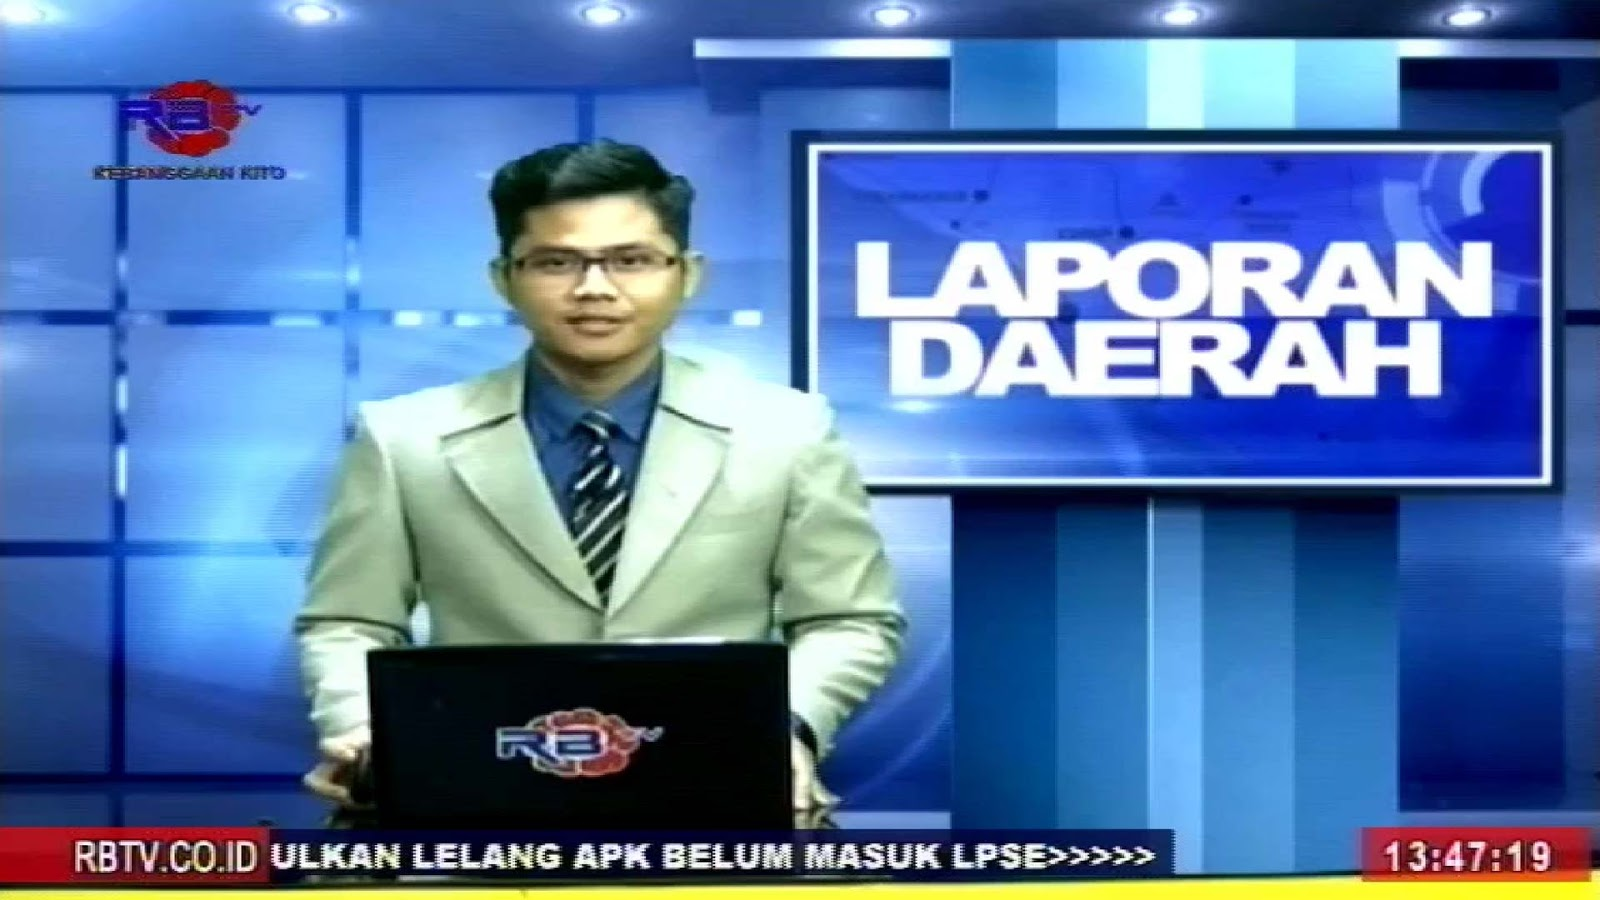 Frekuensi siaran RBTV Bengkulu di satelit ChinaSat 11 Terbaru